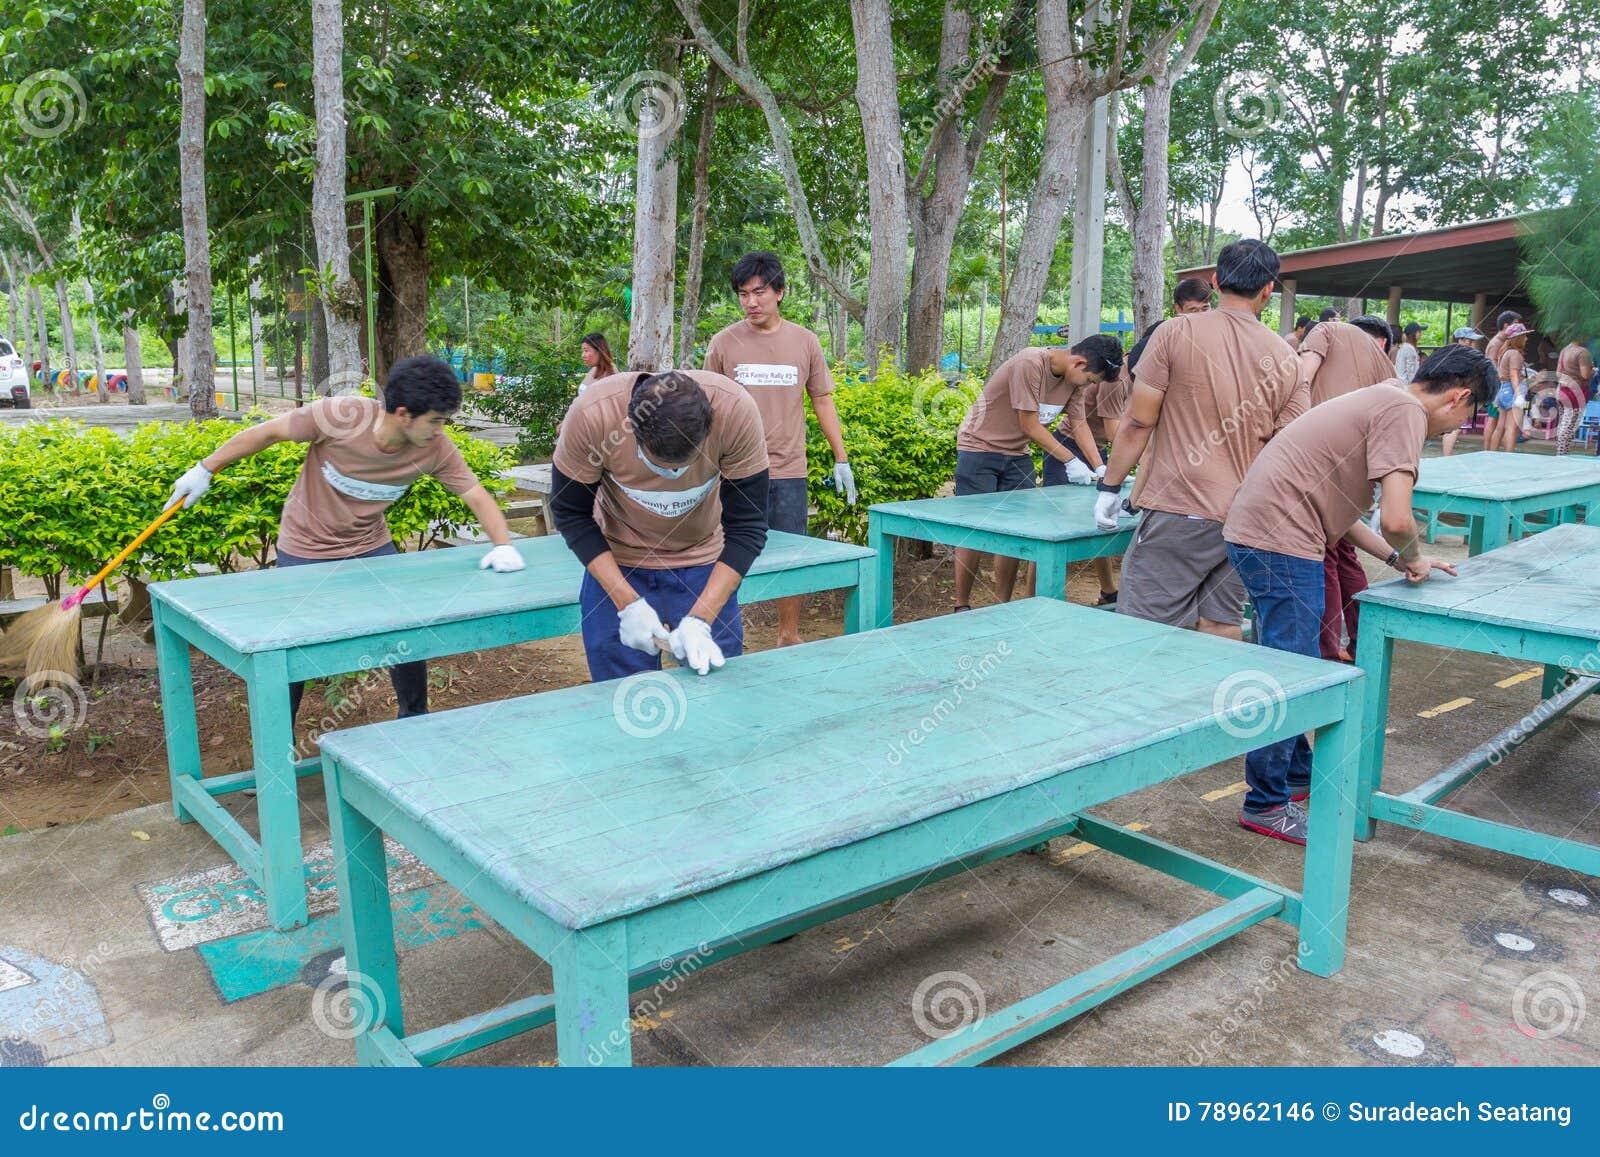 Beaucoup De Personnes Tables En Bois Et Chaises Nettoyage Dur Ridiculement Avant La